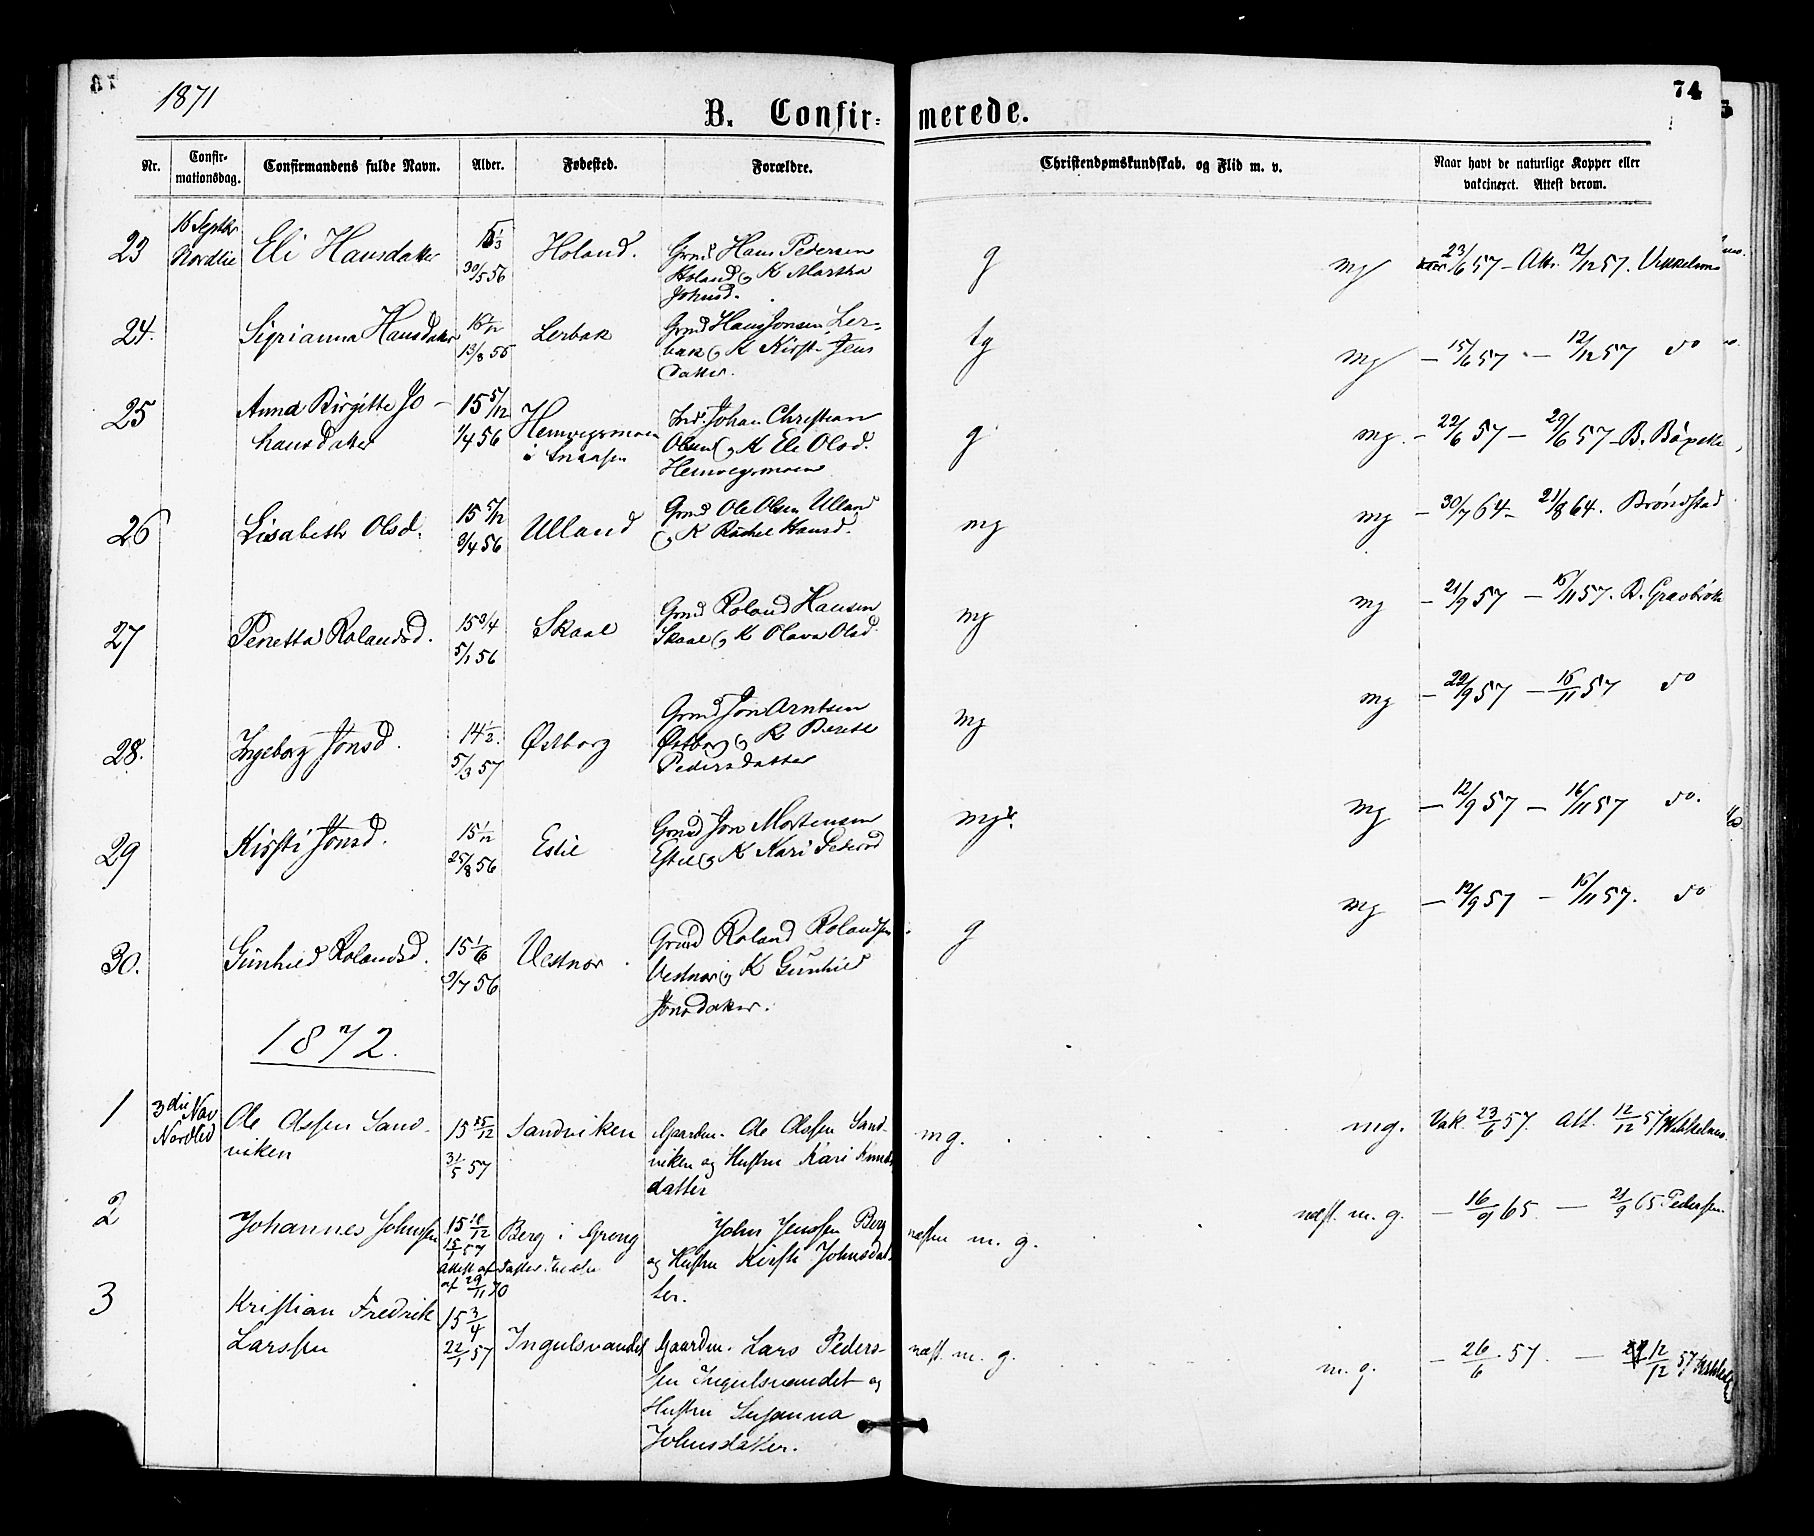 SAT, Ministerialprotokoller, klokkerbøker og fødselsregistre - Nord-Trøndelag, 755/L0493: Ministerialbok nr. 755A02, 1865-1881, s. 74